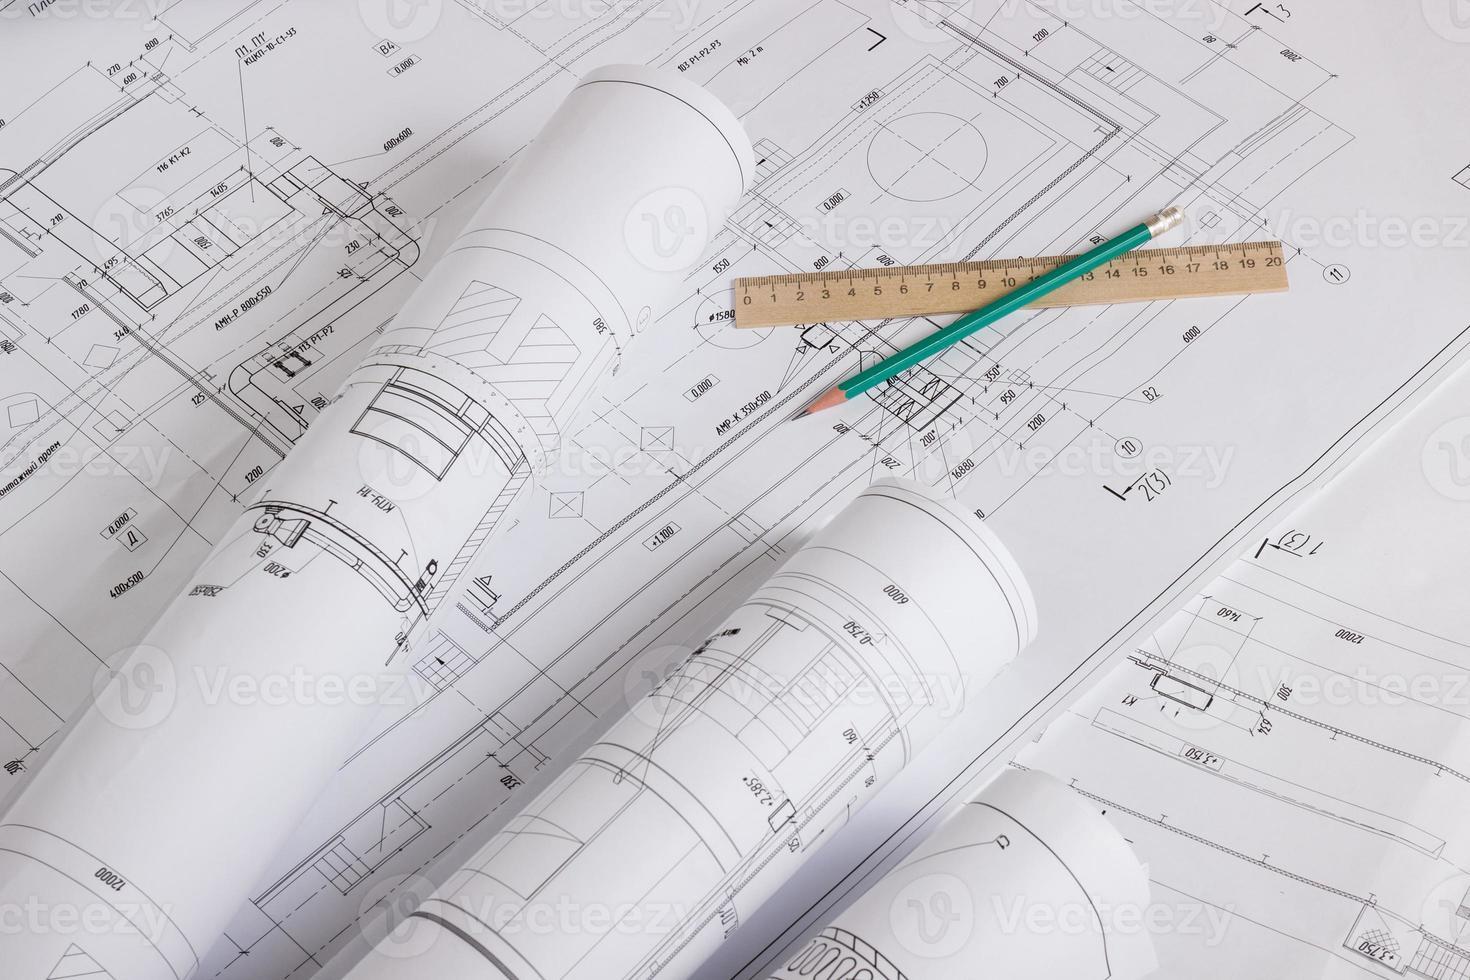 arkitektoniska ritningar och ritningar foto